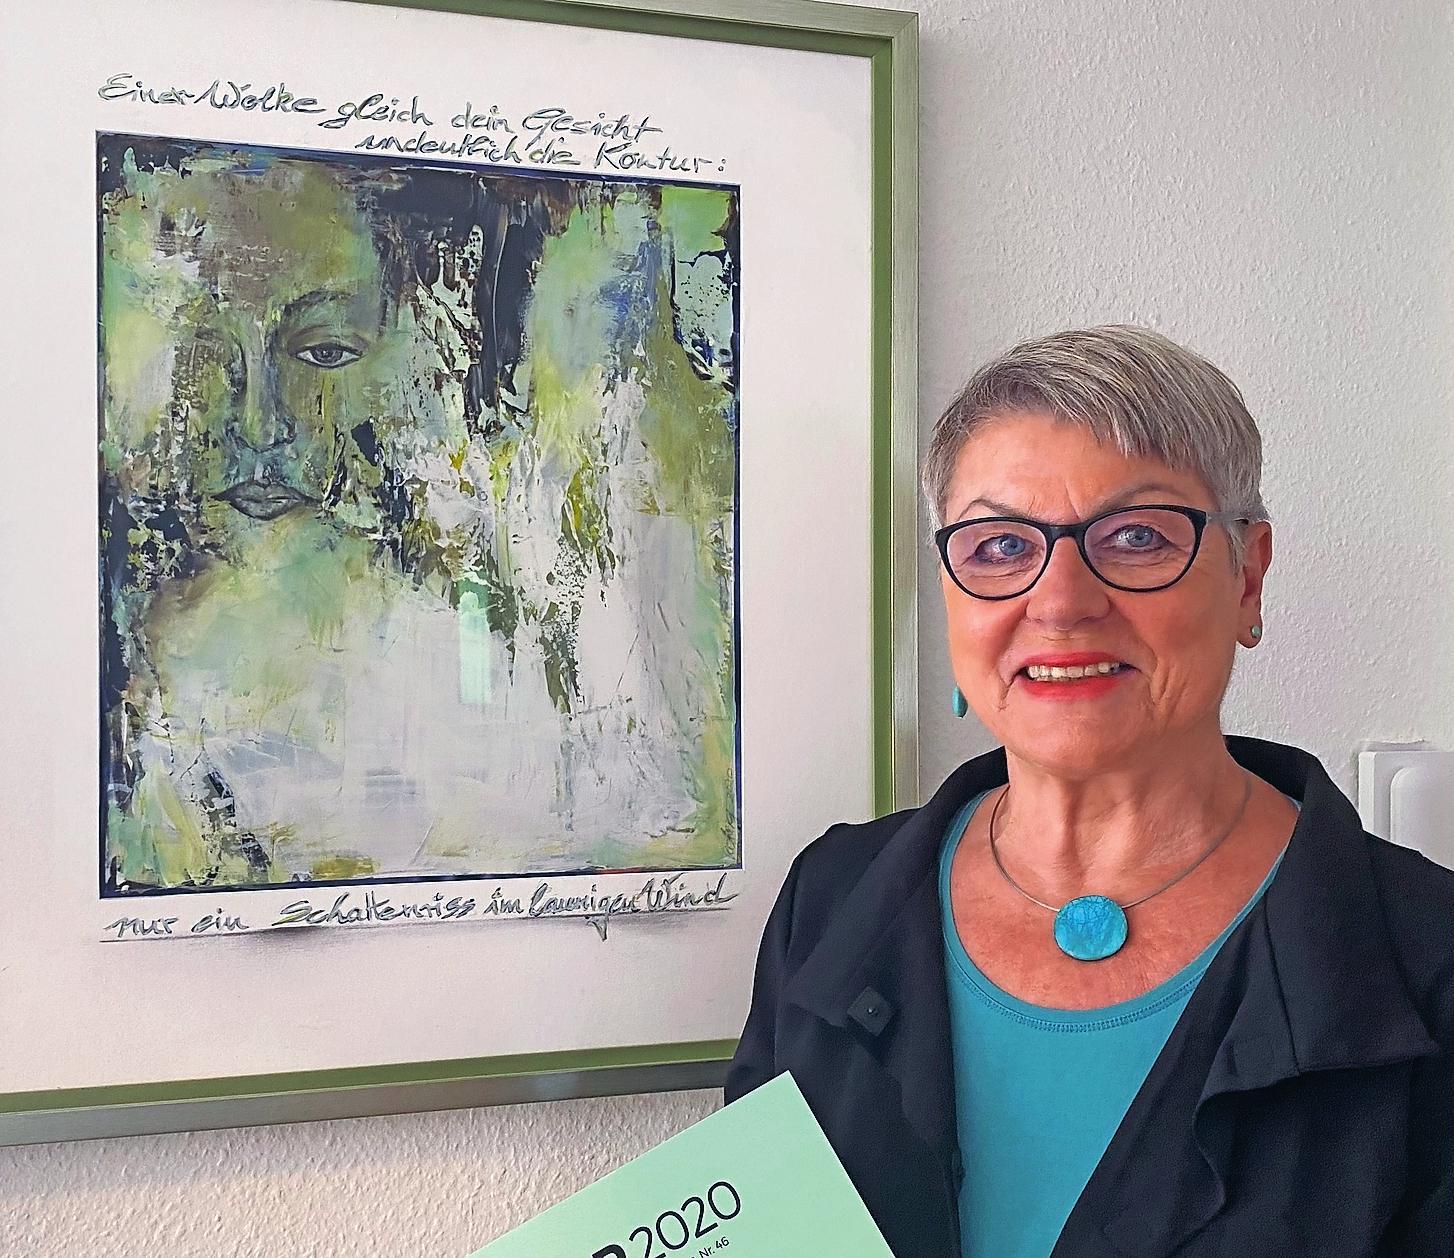 """Visuell interpretiert: Sonja Viola Senghaus steht vor einem Gemälde der Speyerer Künstlerin Gerdi König, das diese zum Gedicht """"Ohne Kontur"""" der Autorin gemalt hat. FOTO: NARIN UGRASANER"""